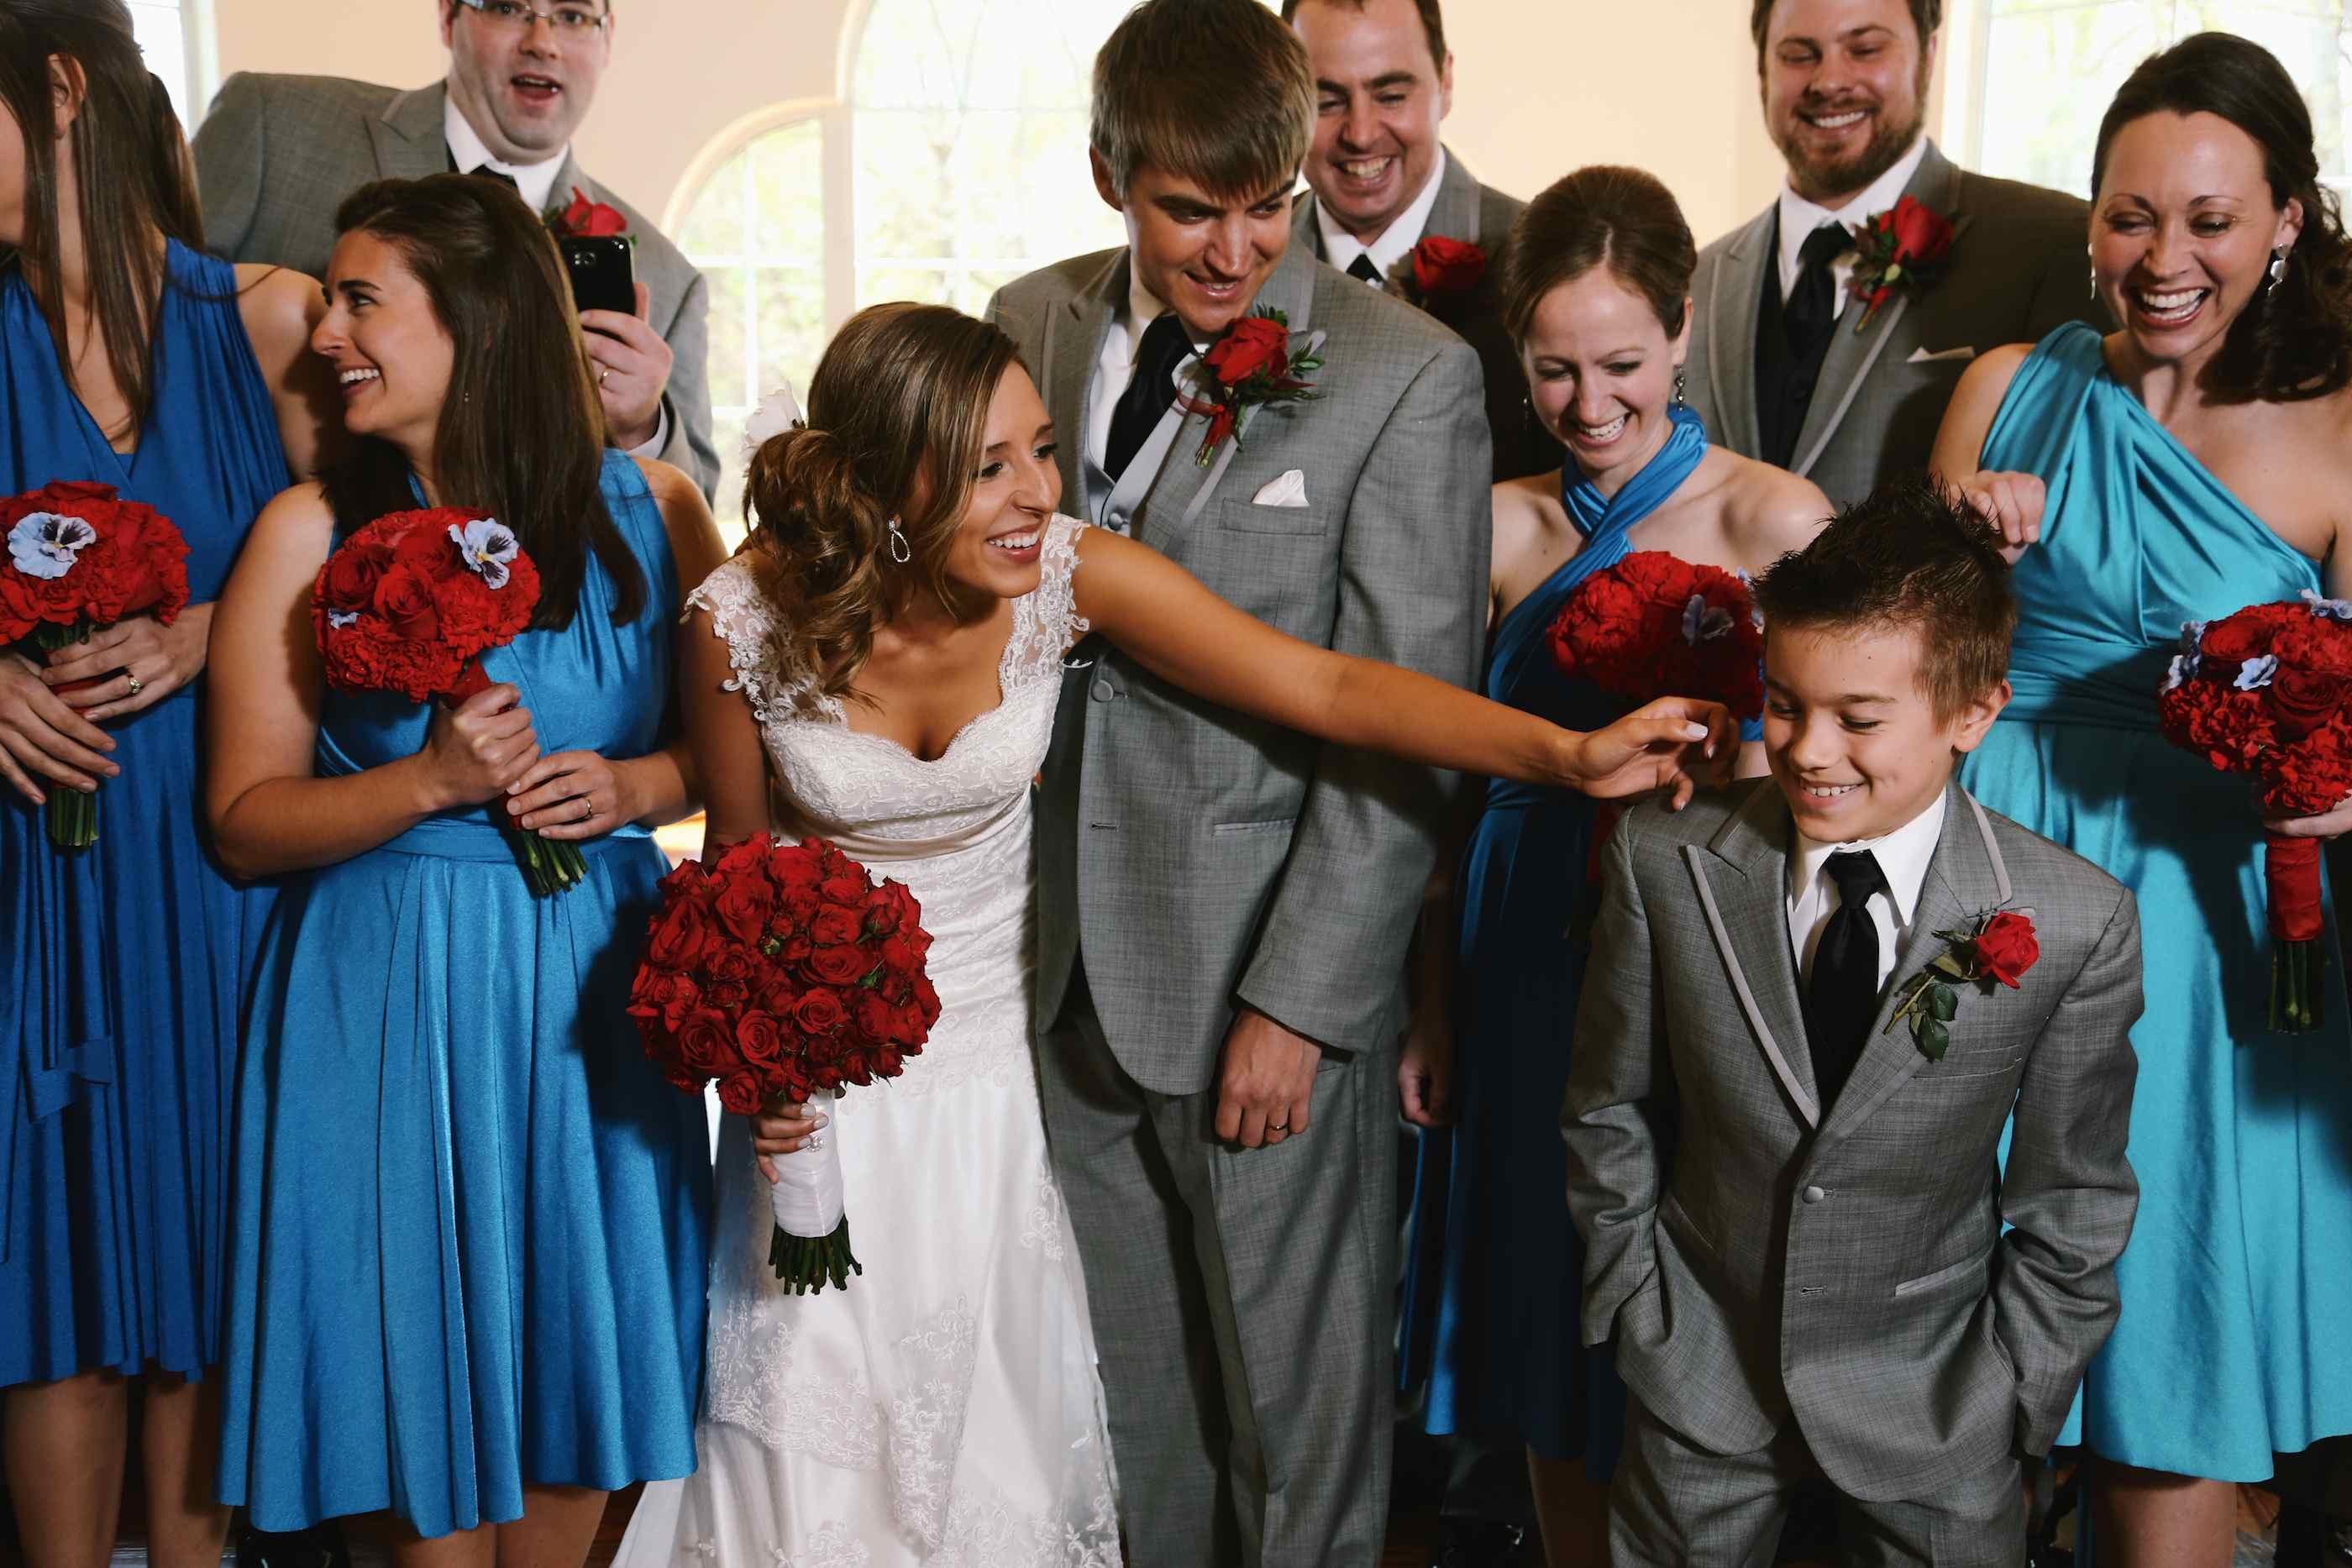 top-10-wedding-photos-2013-012